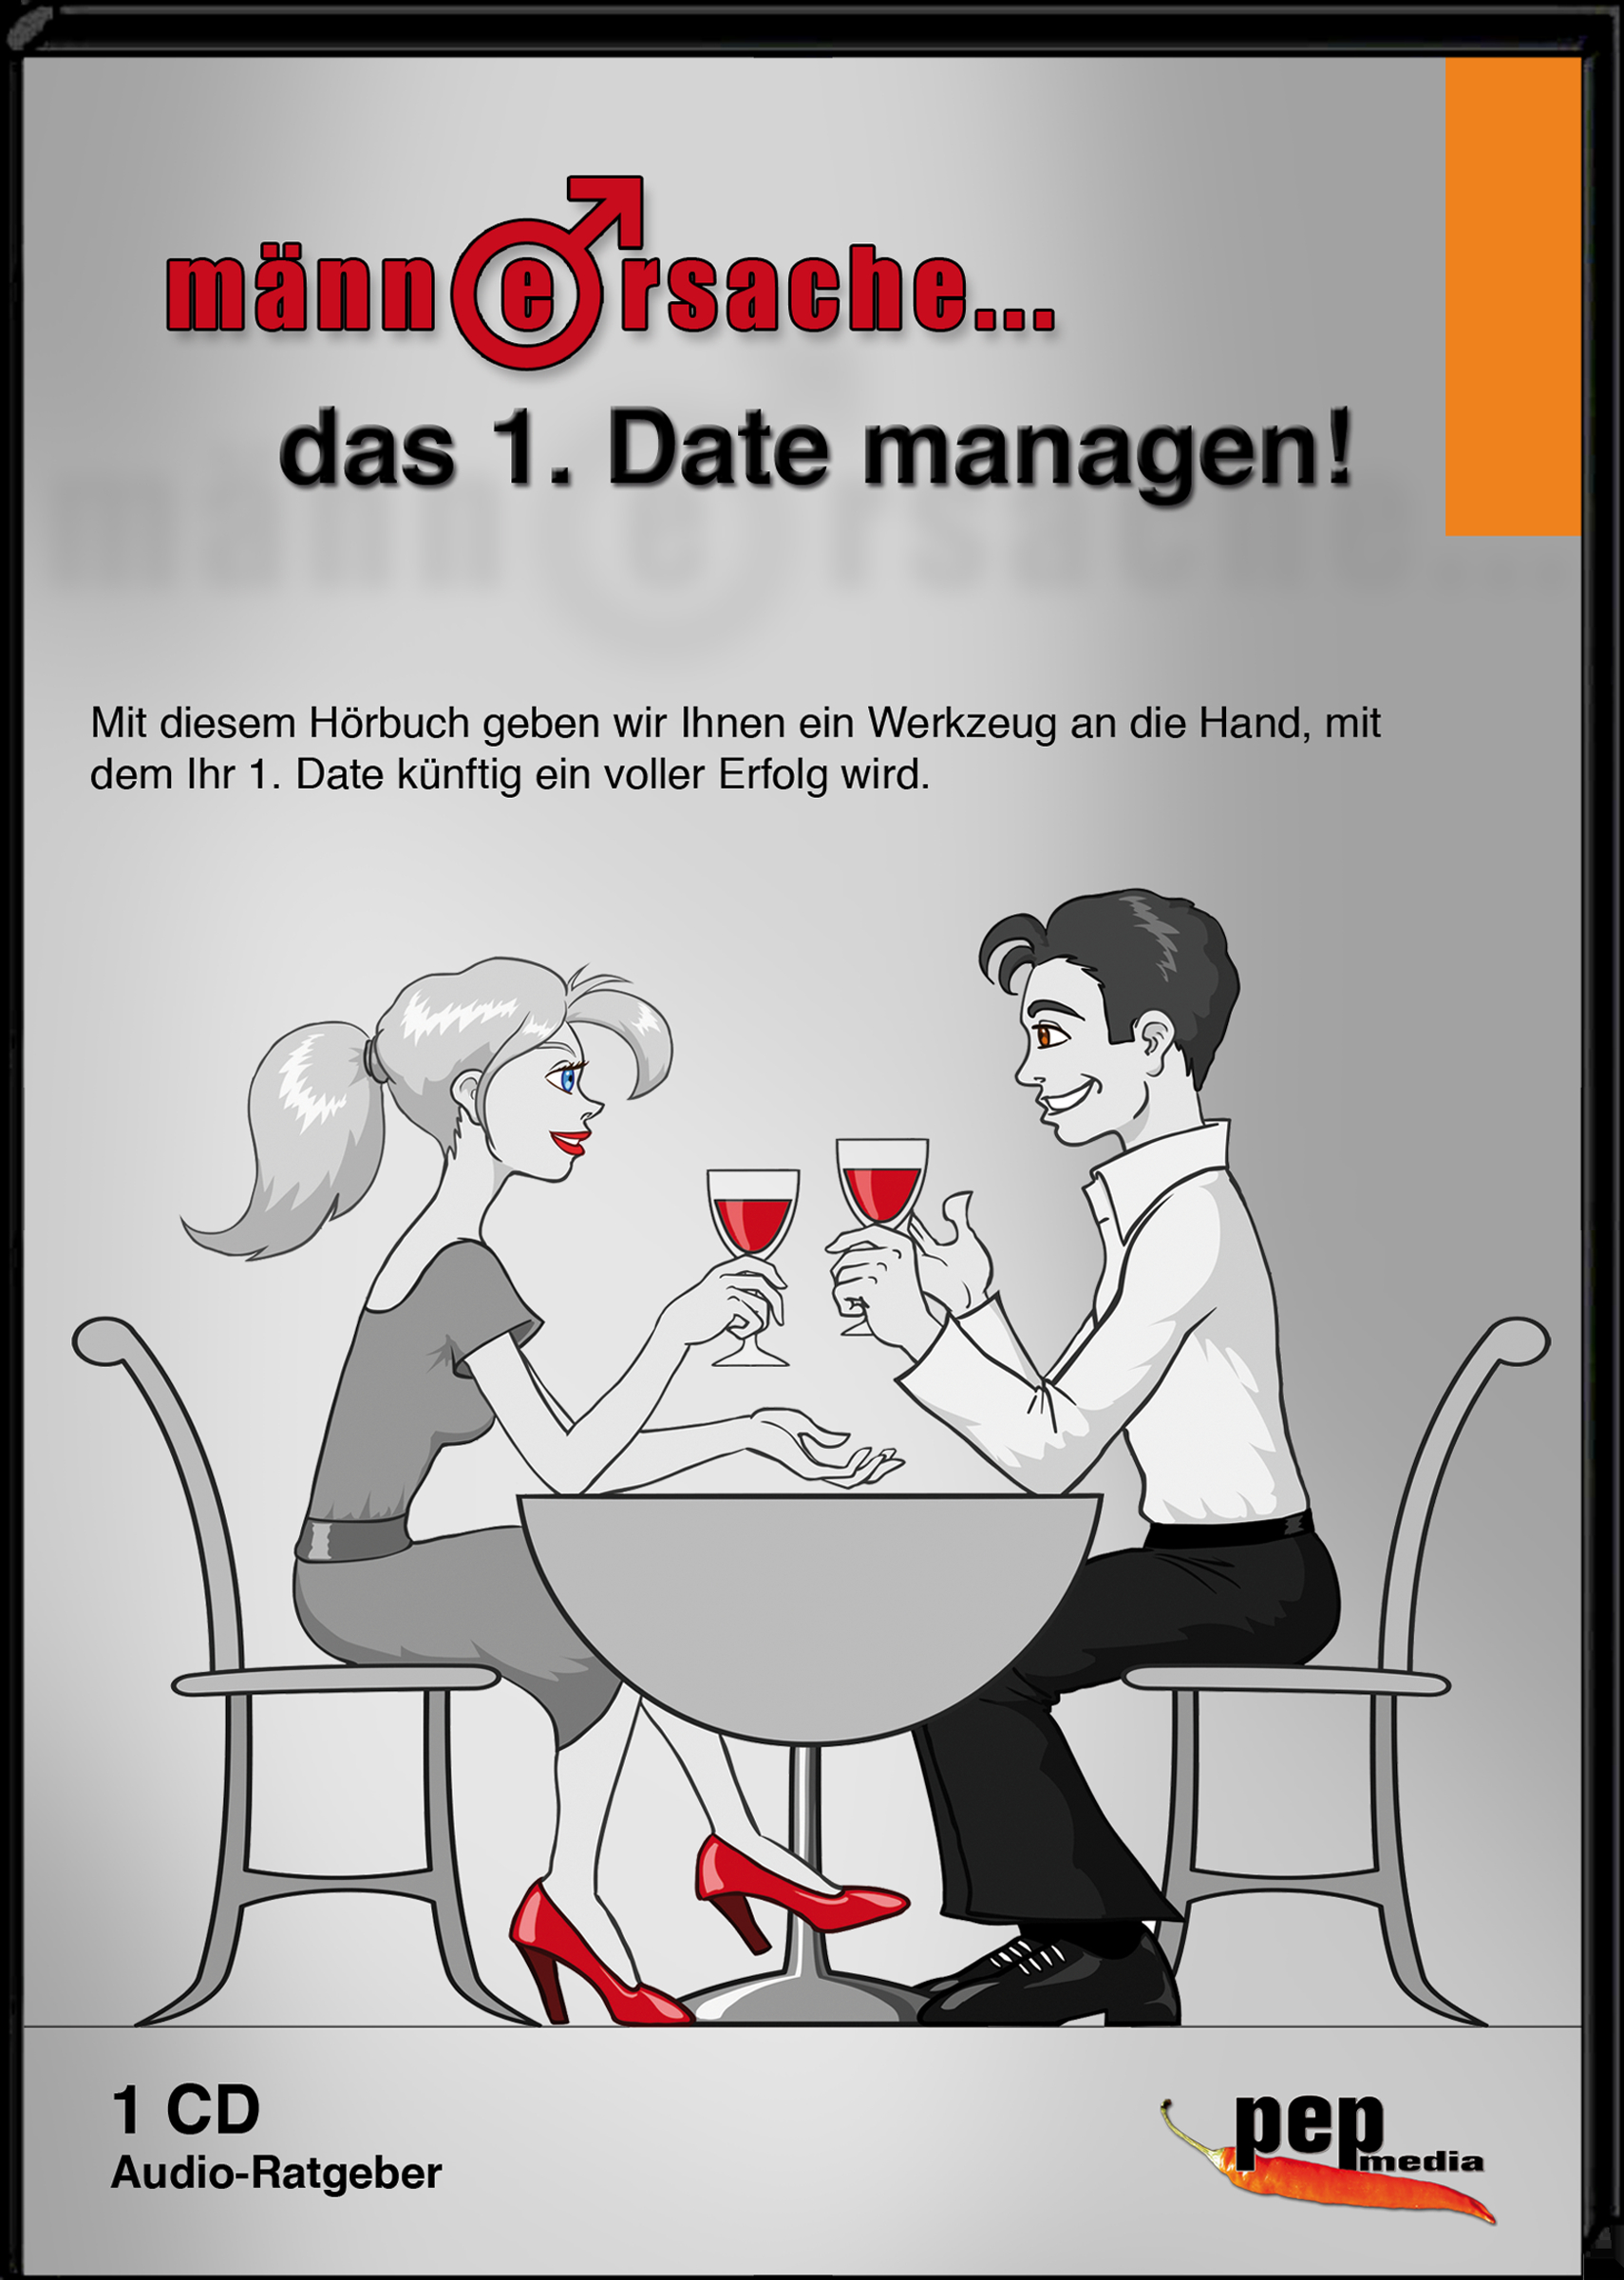 Männersache... Das 1. Date managen! Markus Neumann